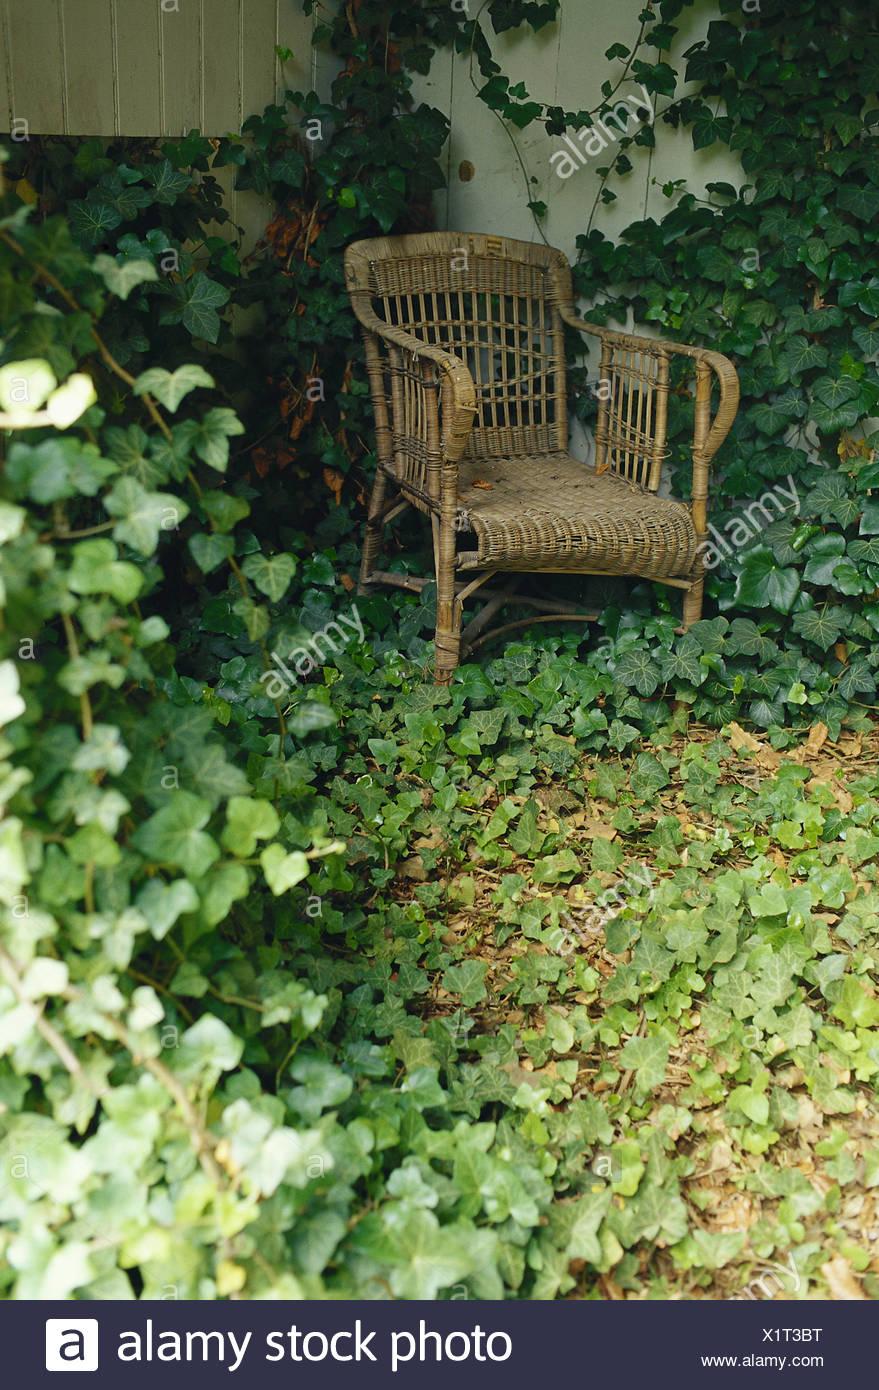 Outdoor Furniture Imágenes De Stock & Outdoor Furniture Fotos De ...